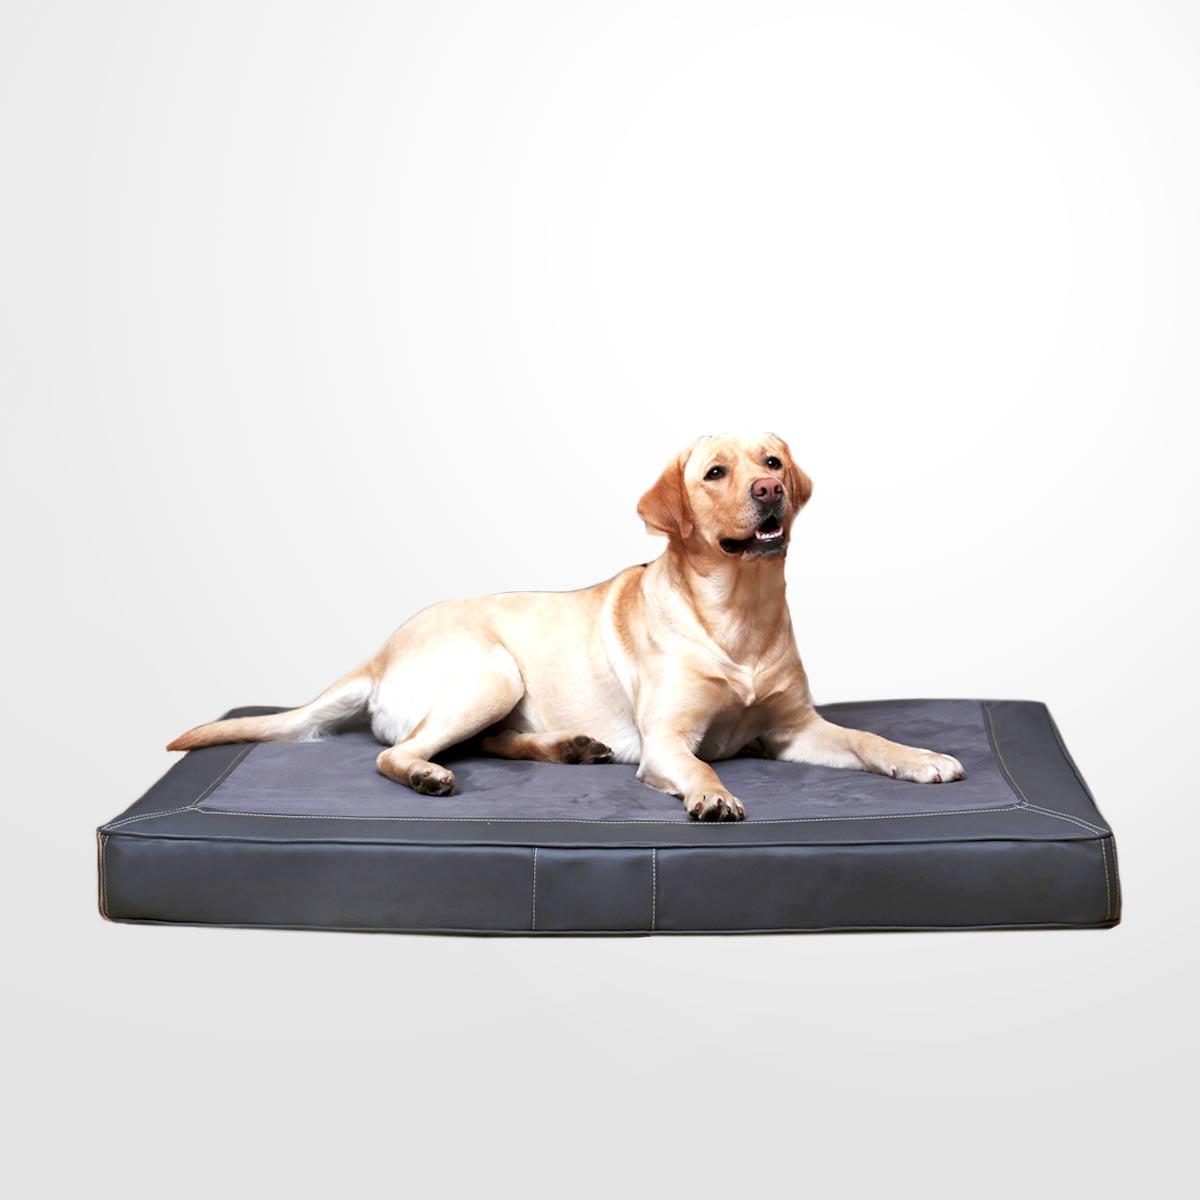 joodog GIN M5 Ortho, Orthopädische Hundematte, Hundebetten Grosshandel, Wholesale